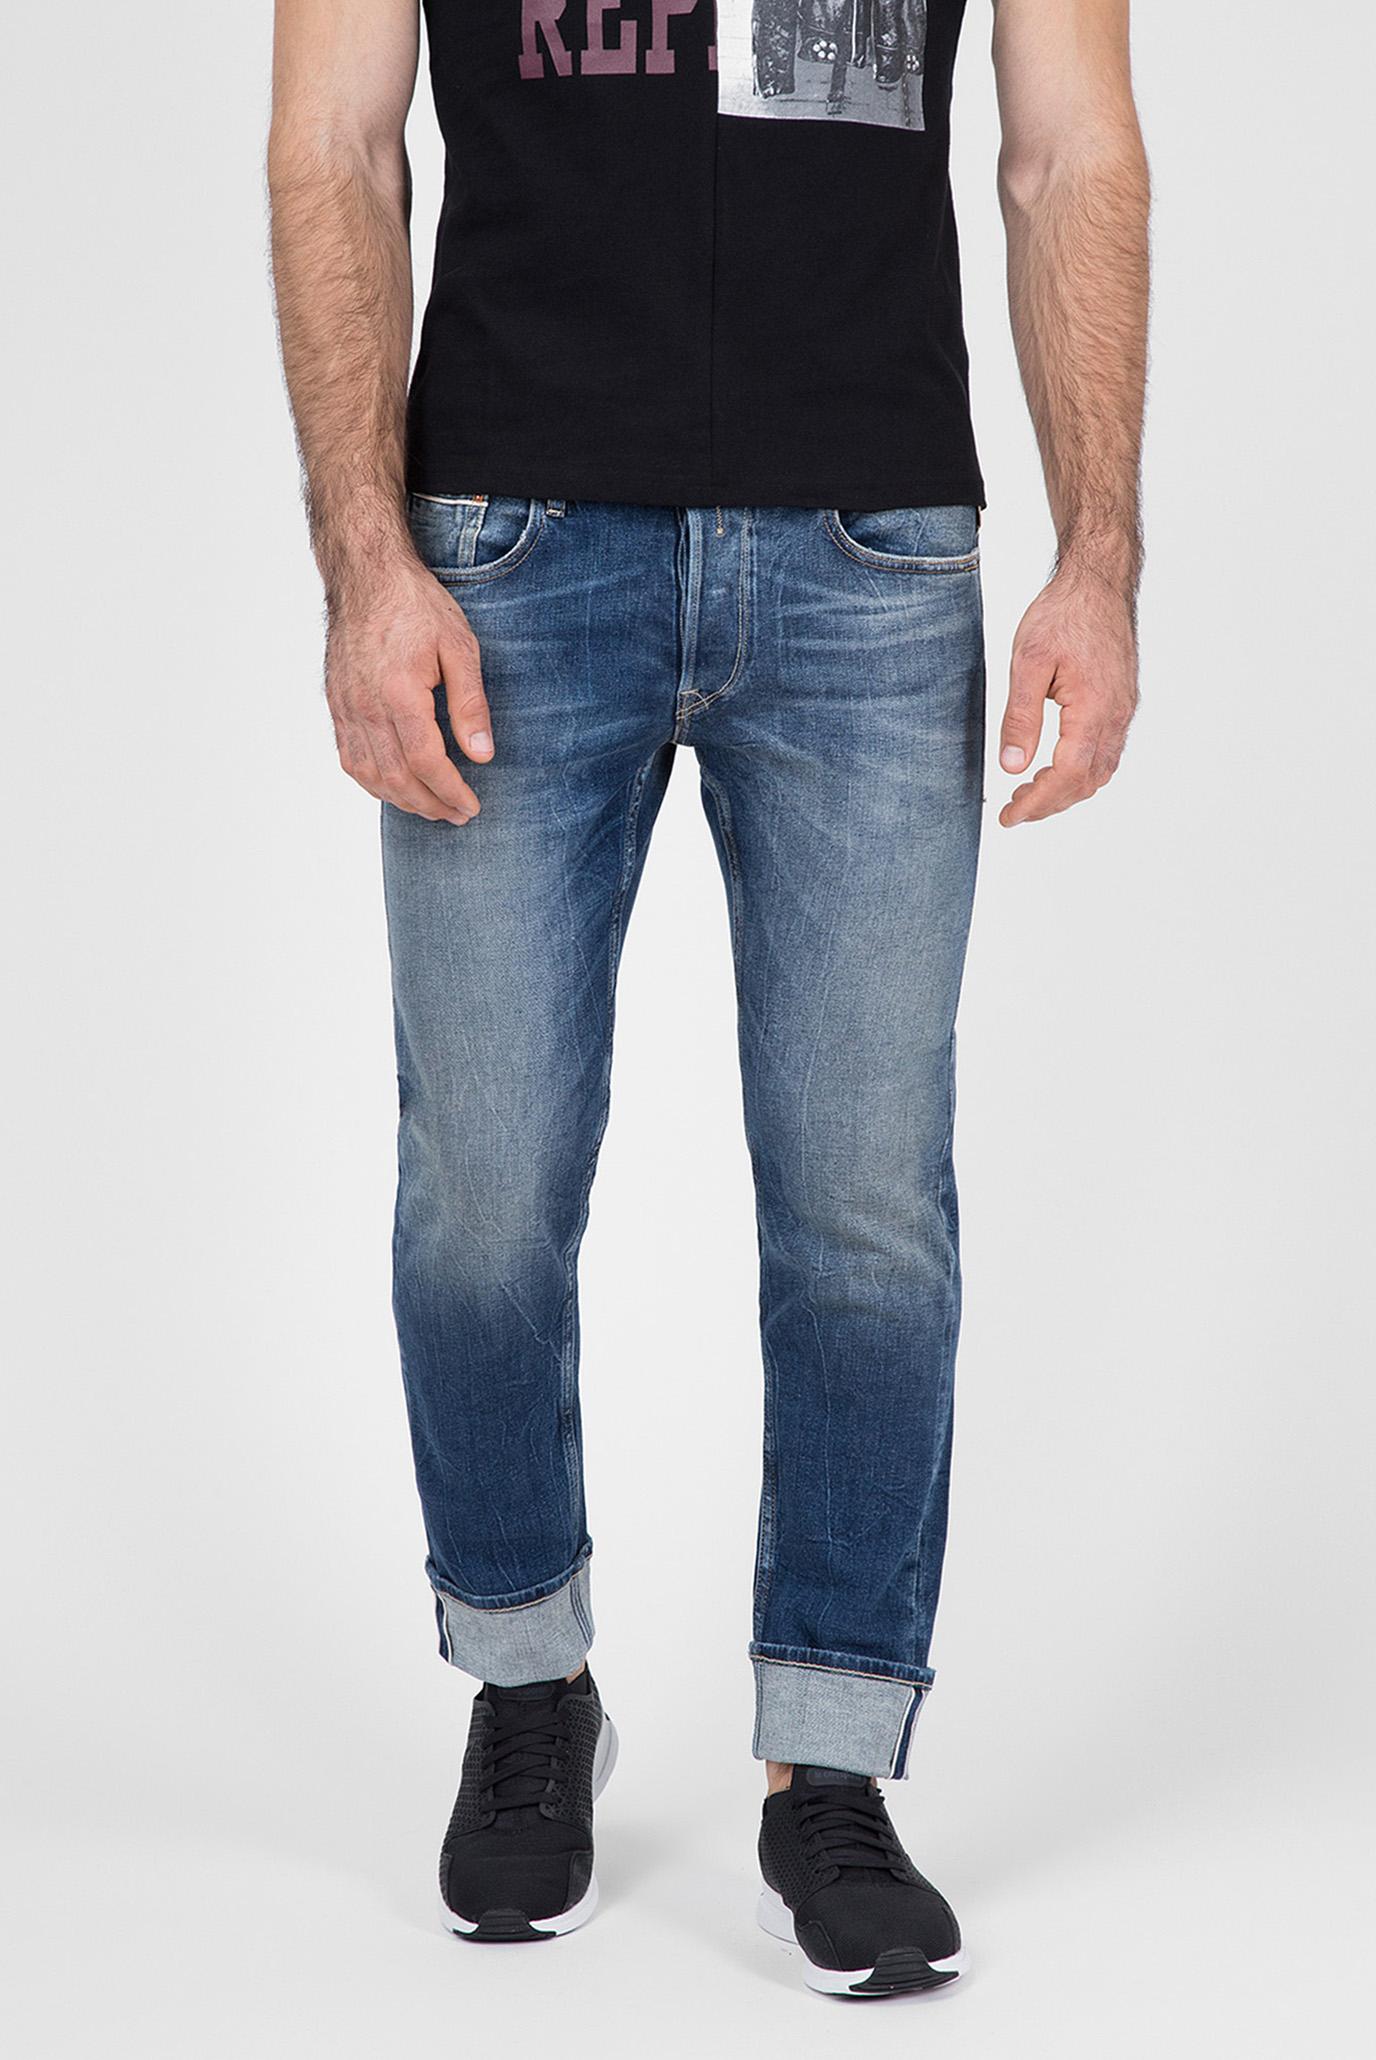 Купить Мужские голубые джинсы GROVER Replay Replay MCA972.000.121 308 – Киев, Украина. Цены в интернет магазине MD Fashion